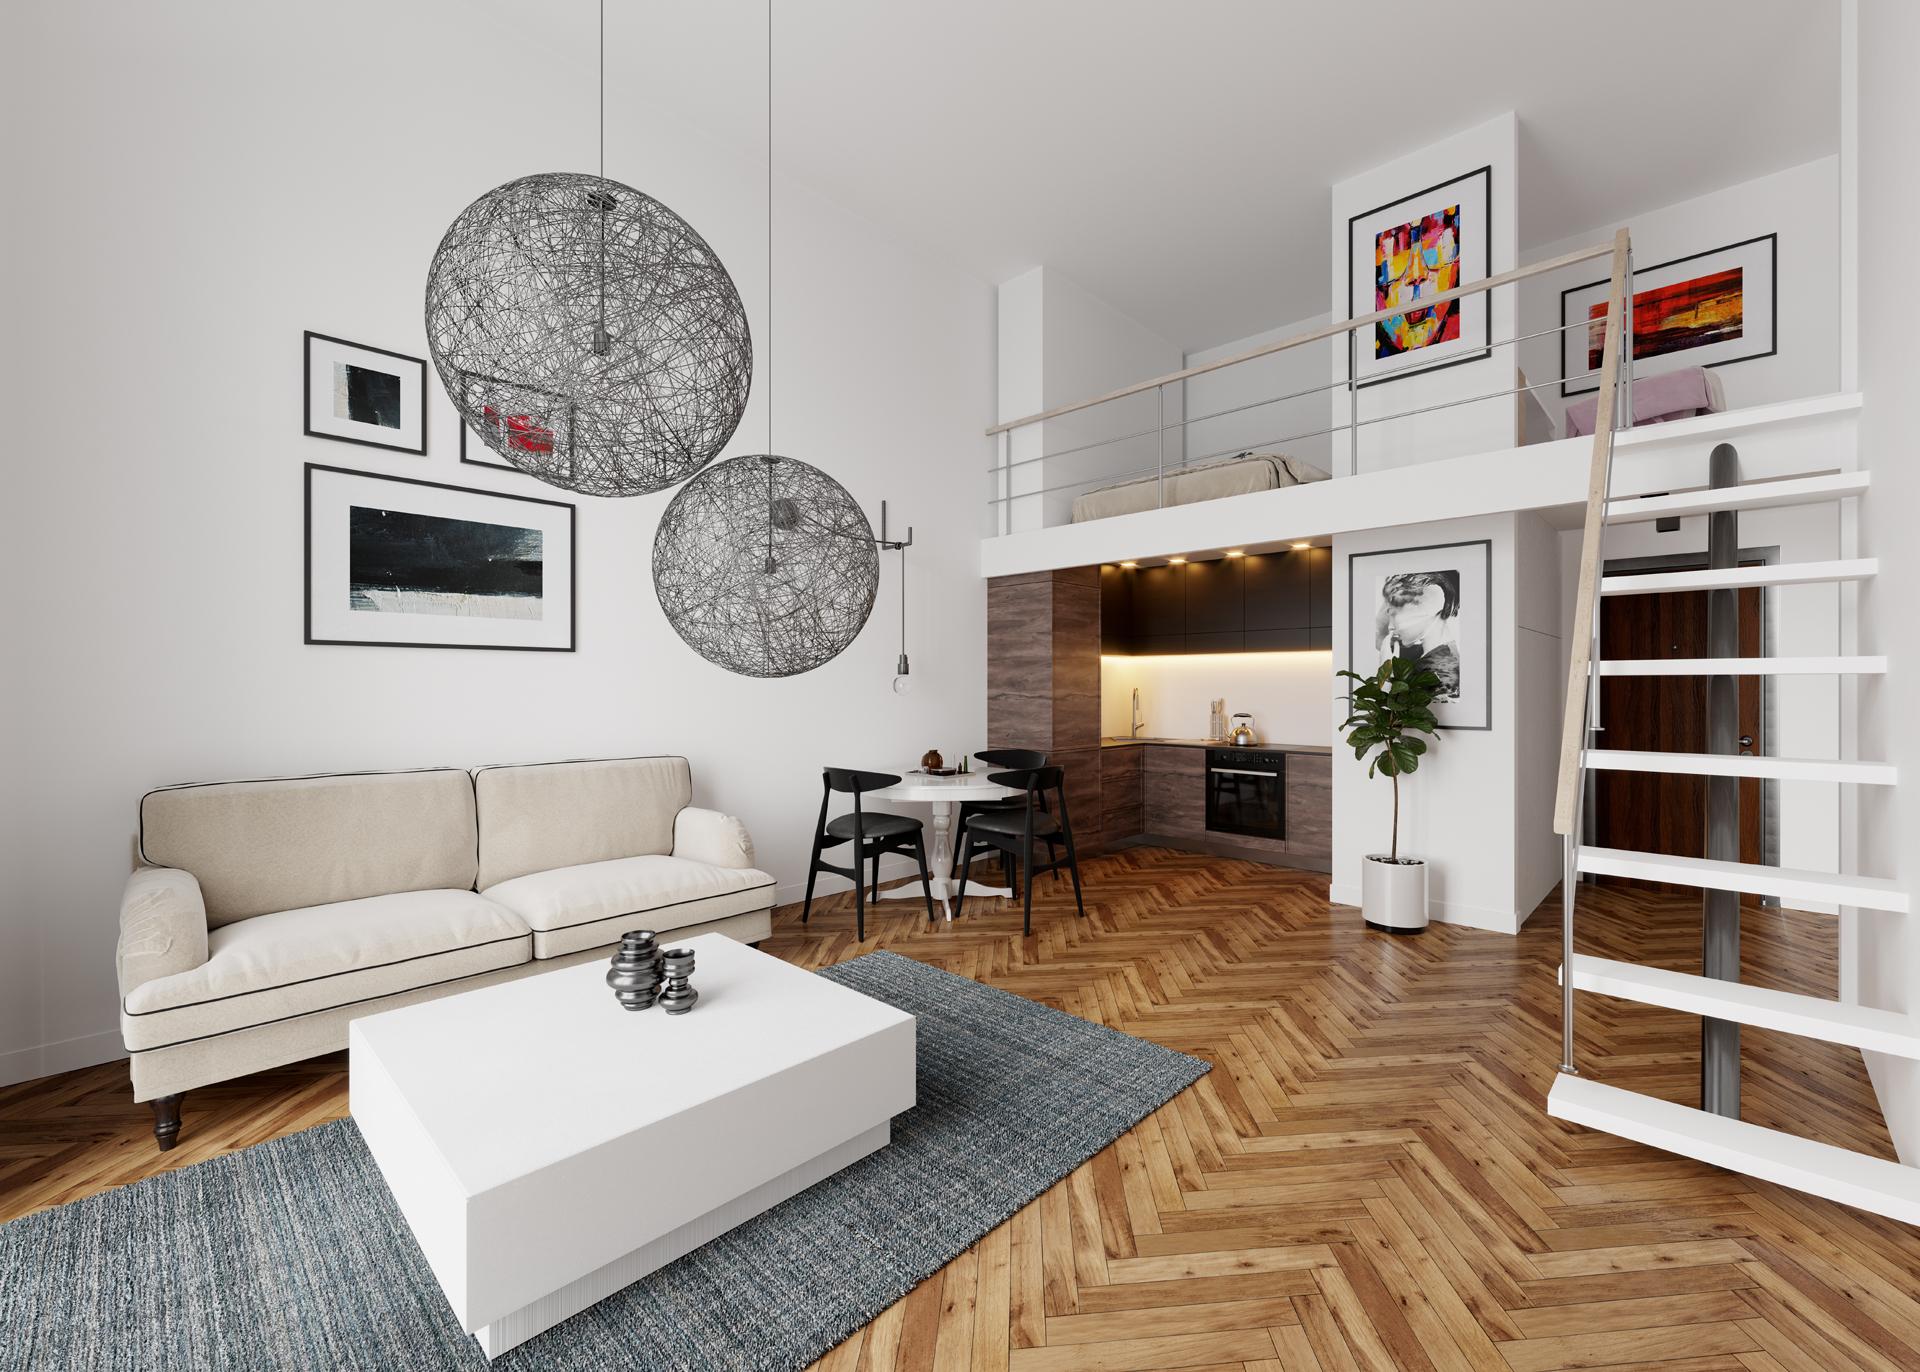 Wizualizacje wnętrz mieszkań_architektura_JAKSBUD (1).jpg